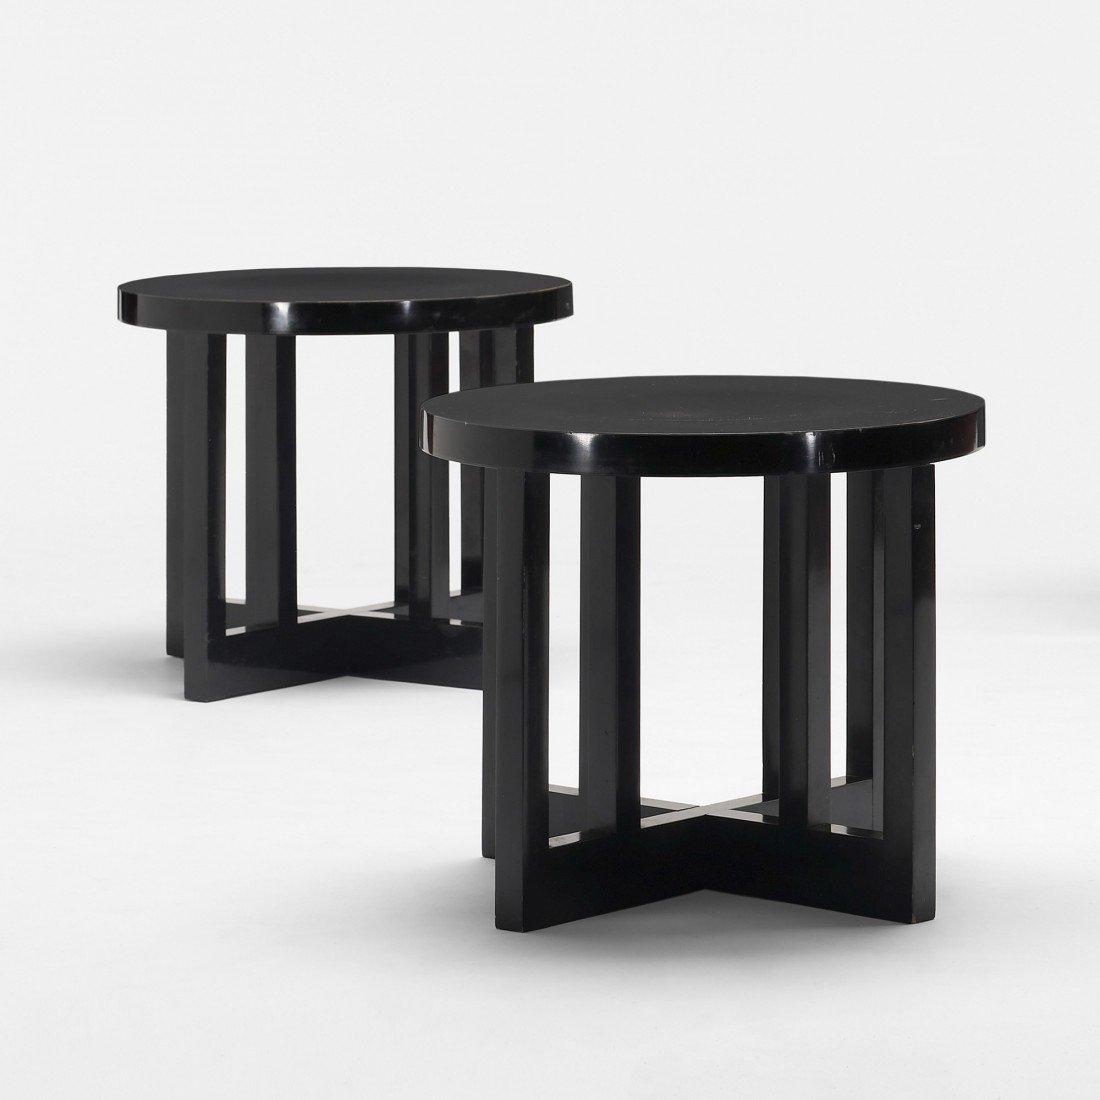 169: Richard Meier Low Stools model 820Y,  pair